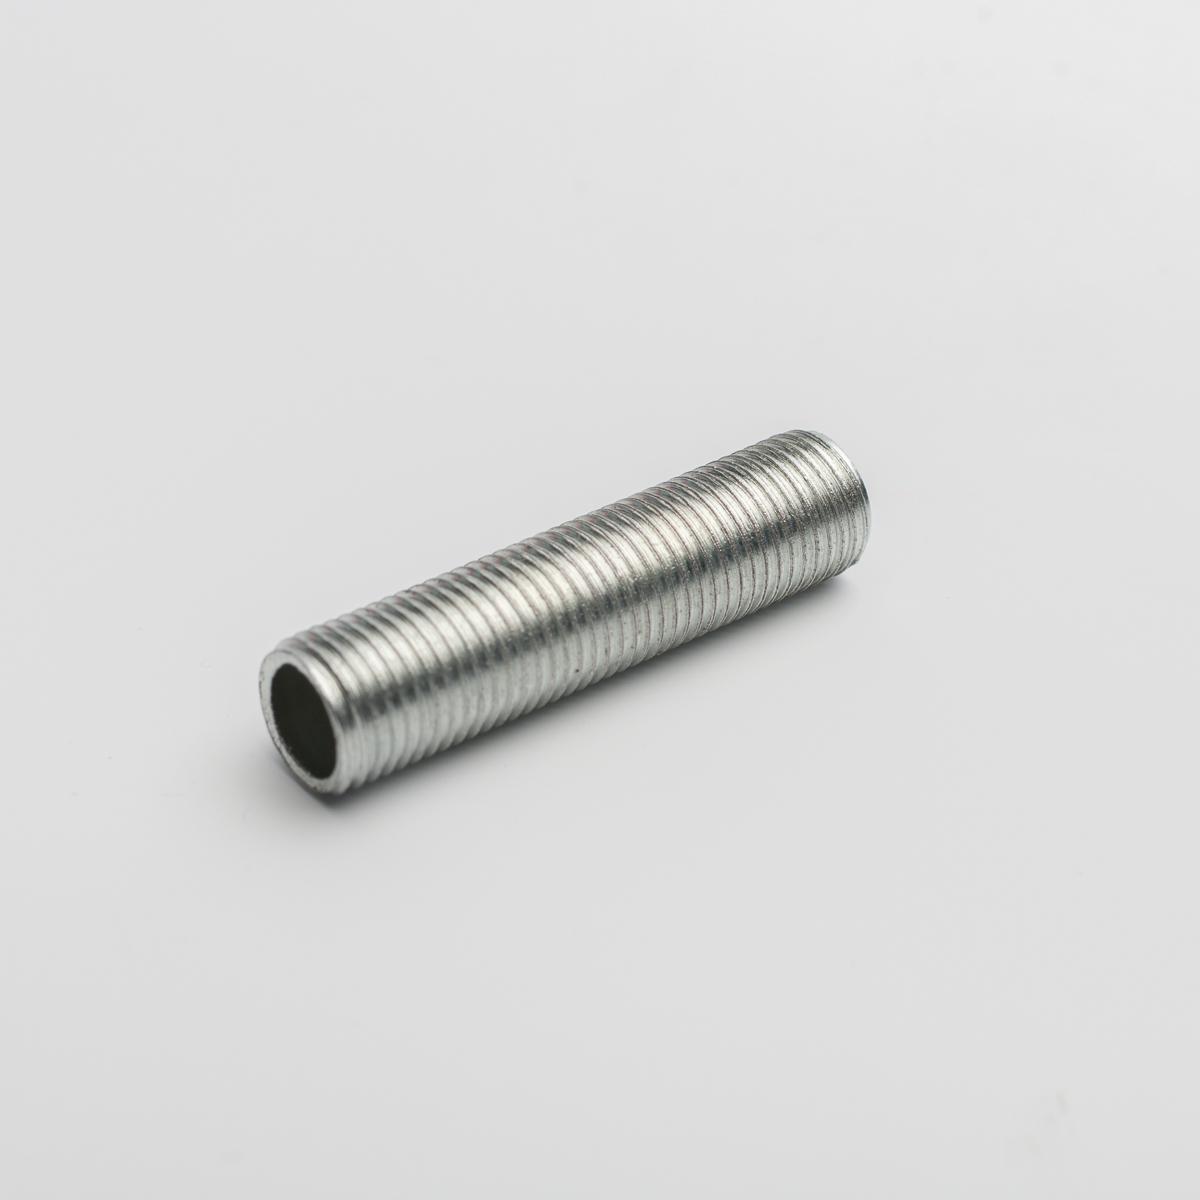 Трубка с резьбой 40 мм